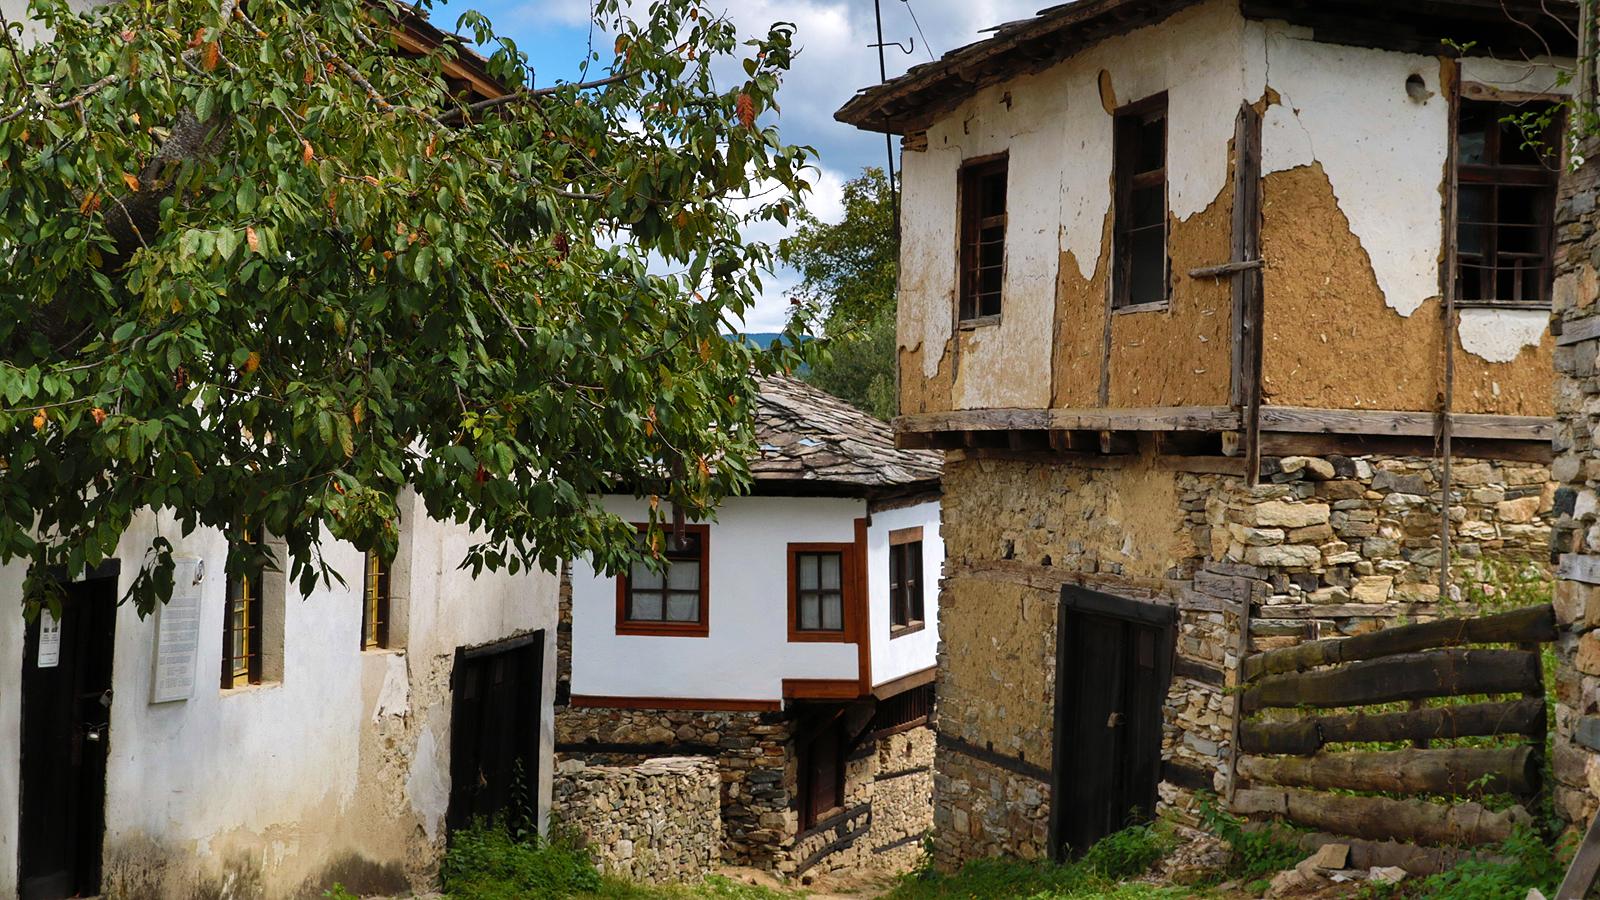 Селото е обявено е за архитектурен резерват. В него има 350 традиционни родопски къщи. Те са покрити с тикли (каменни плочи)